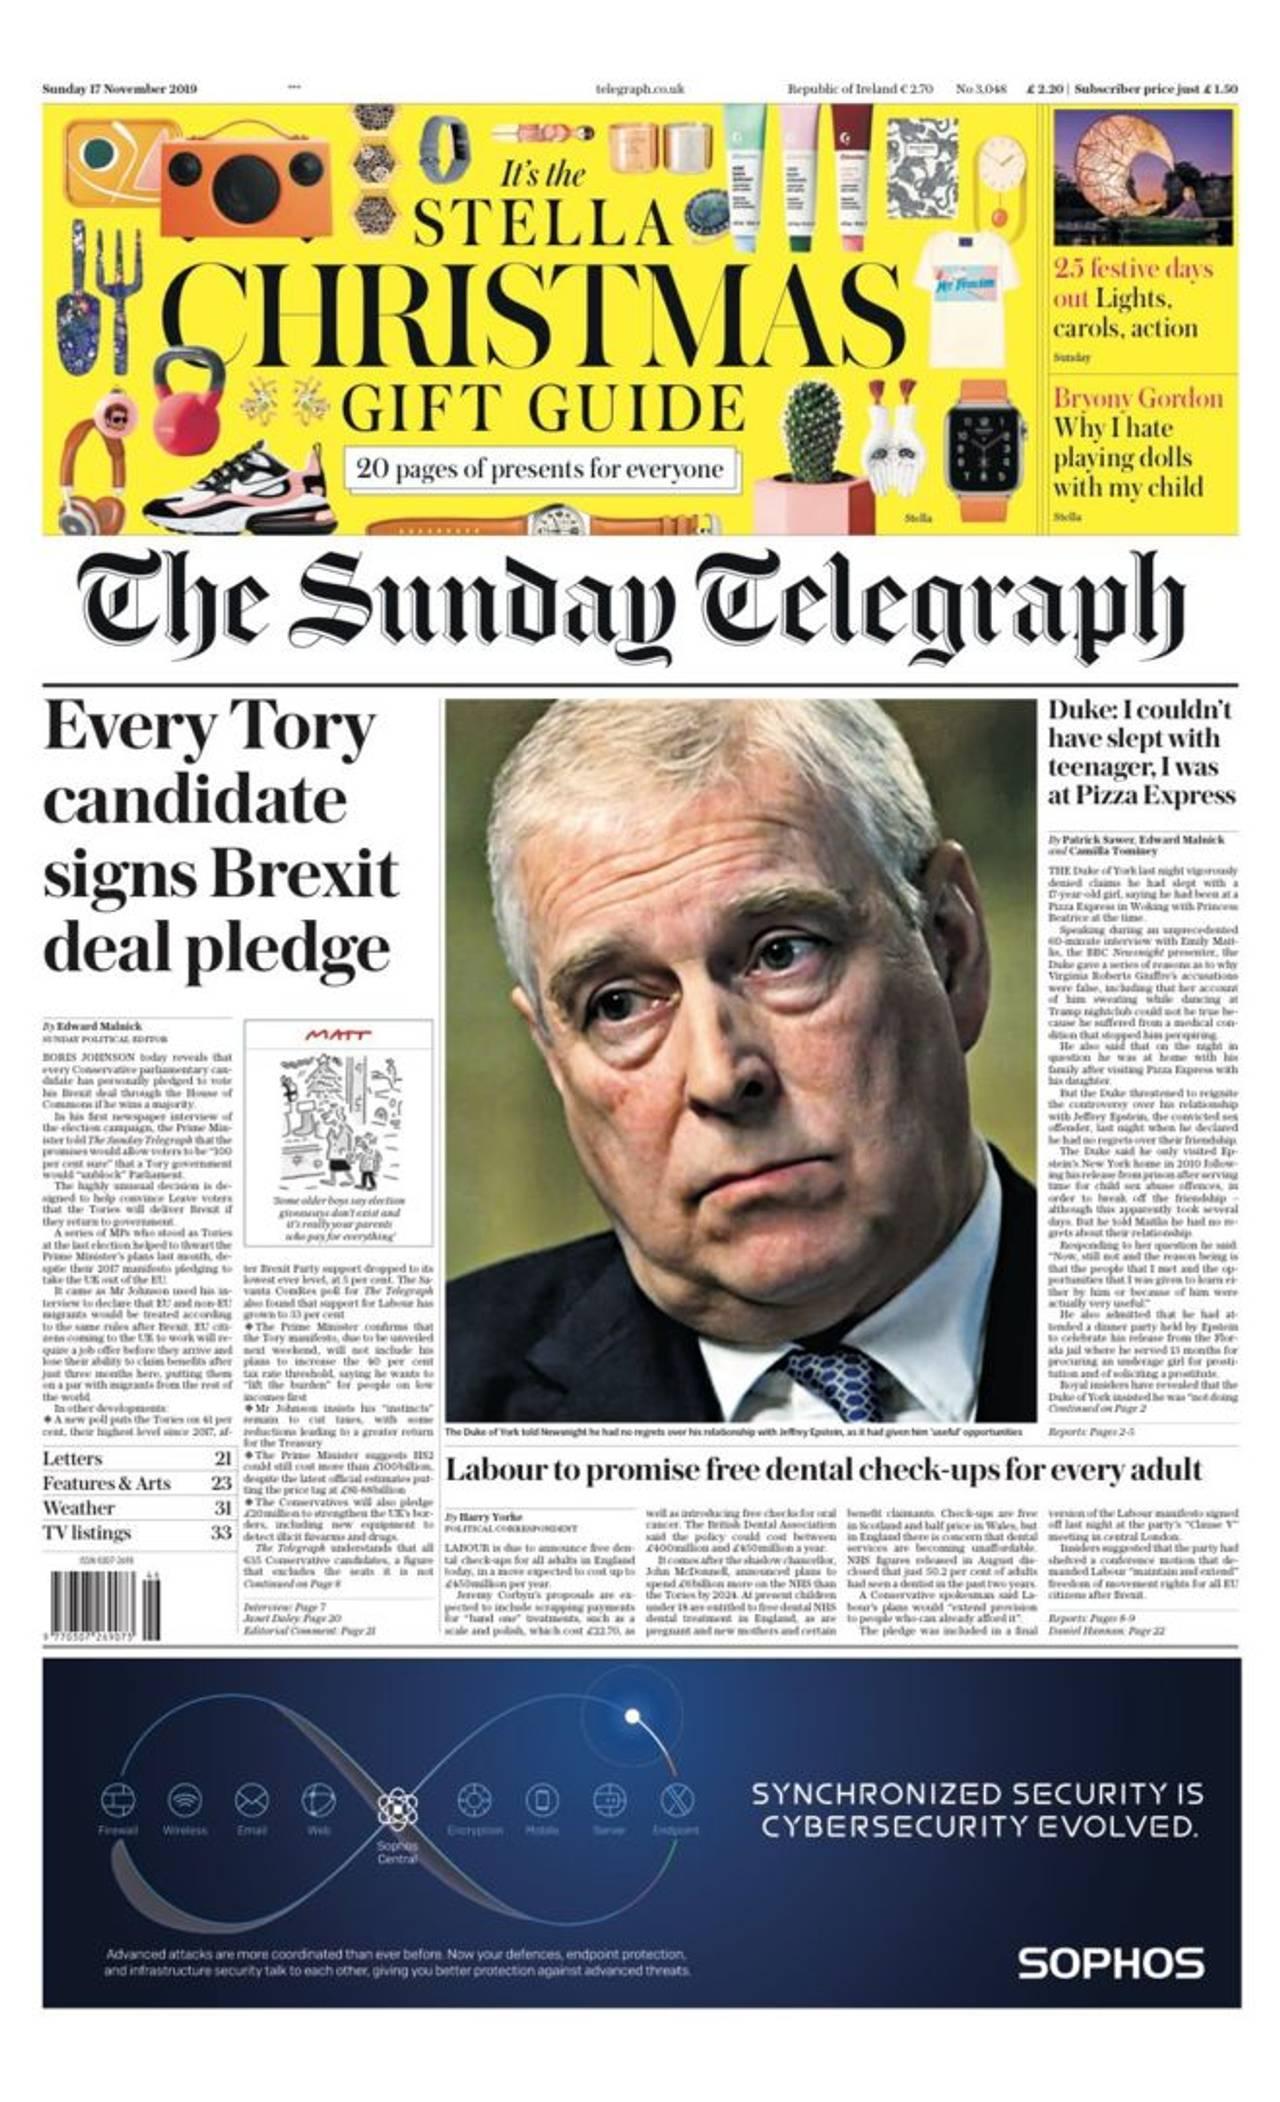 Forsiden av Sunday Telegraph.